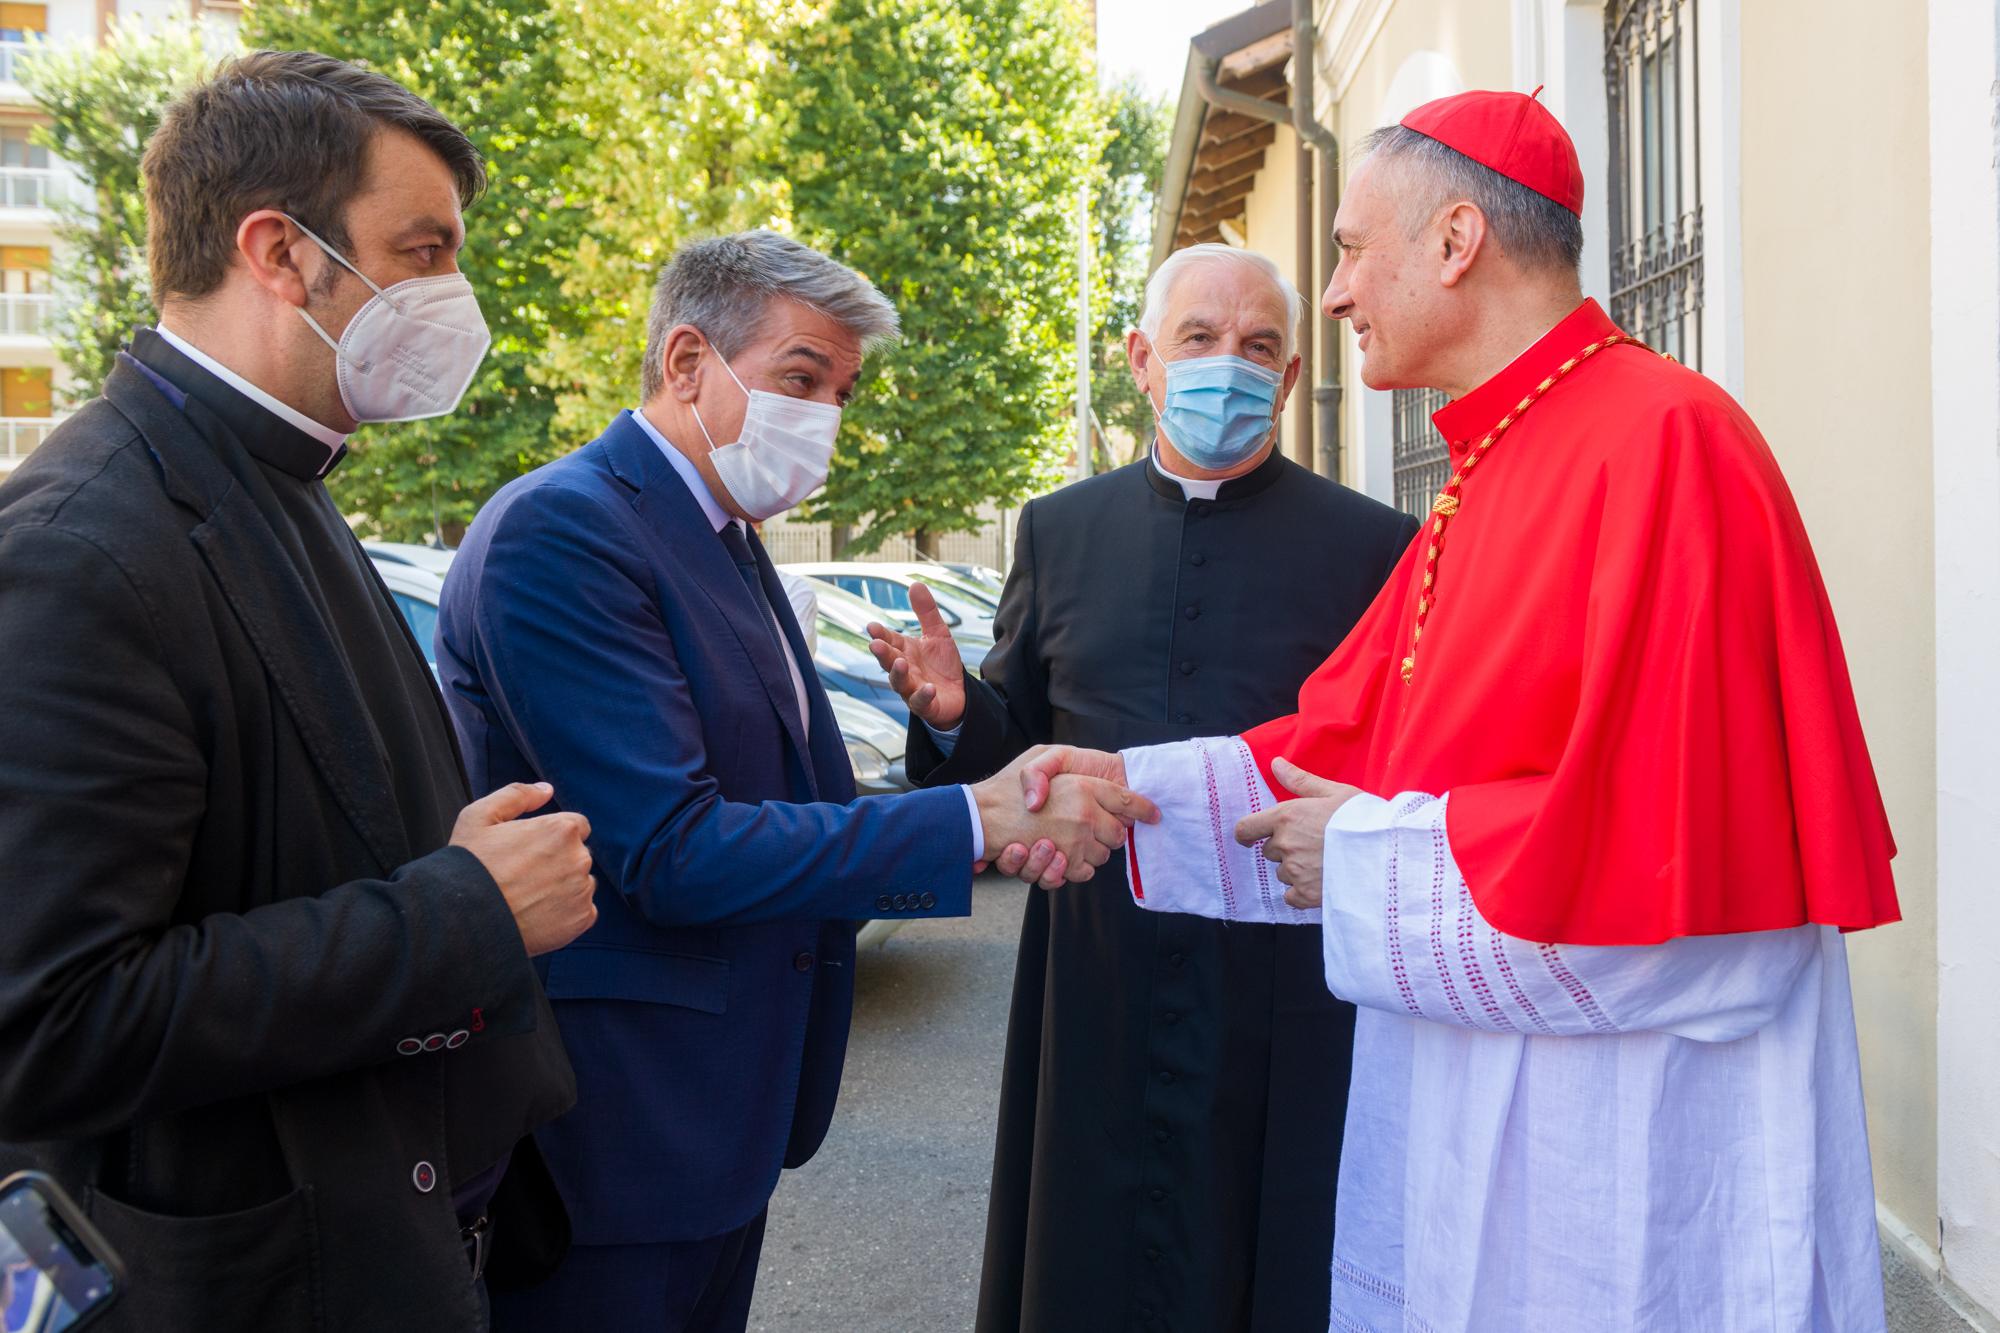 29-agosto-2021-pontificale-10.30-MdG-–-FOTO_mdg_-299